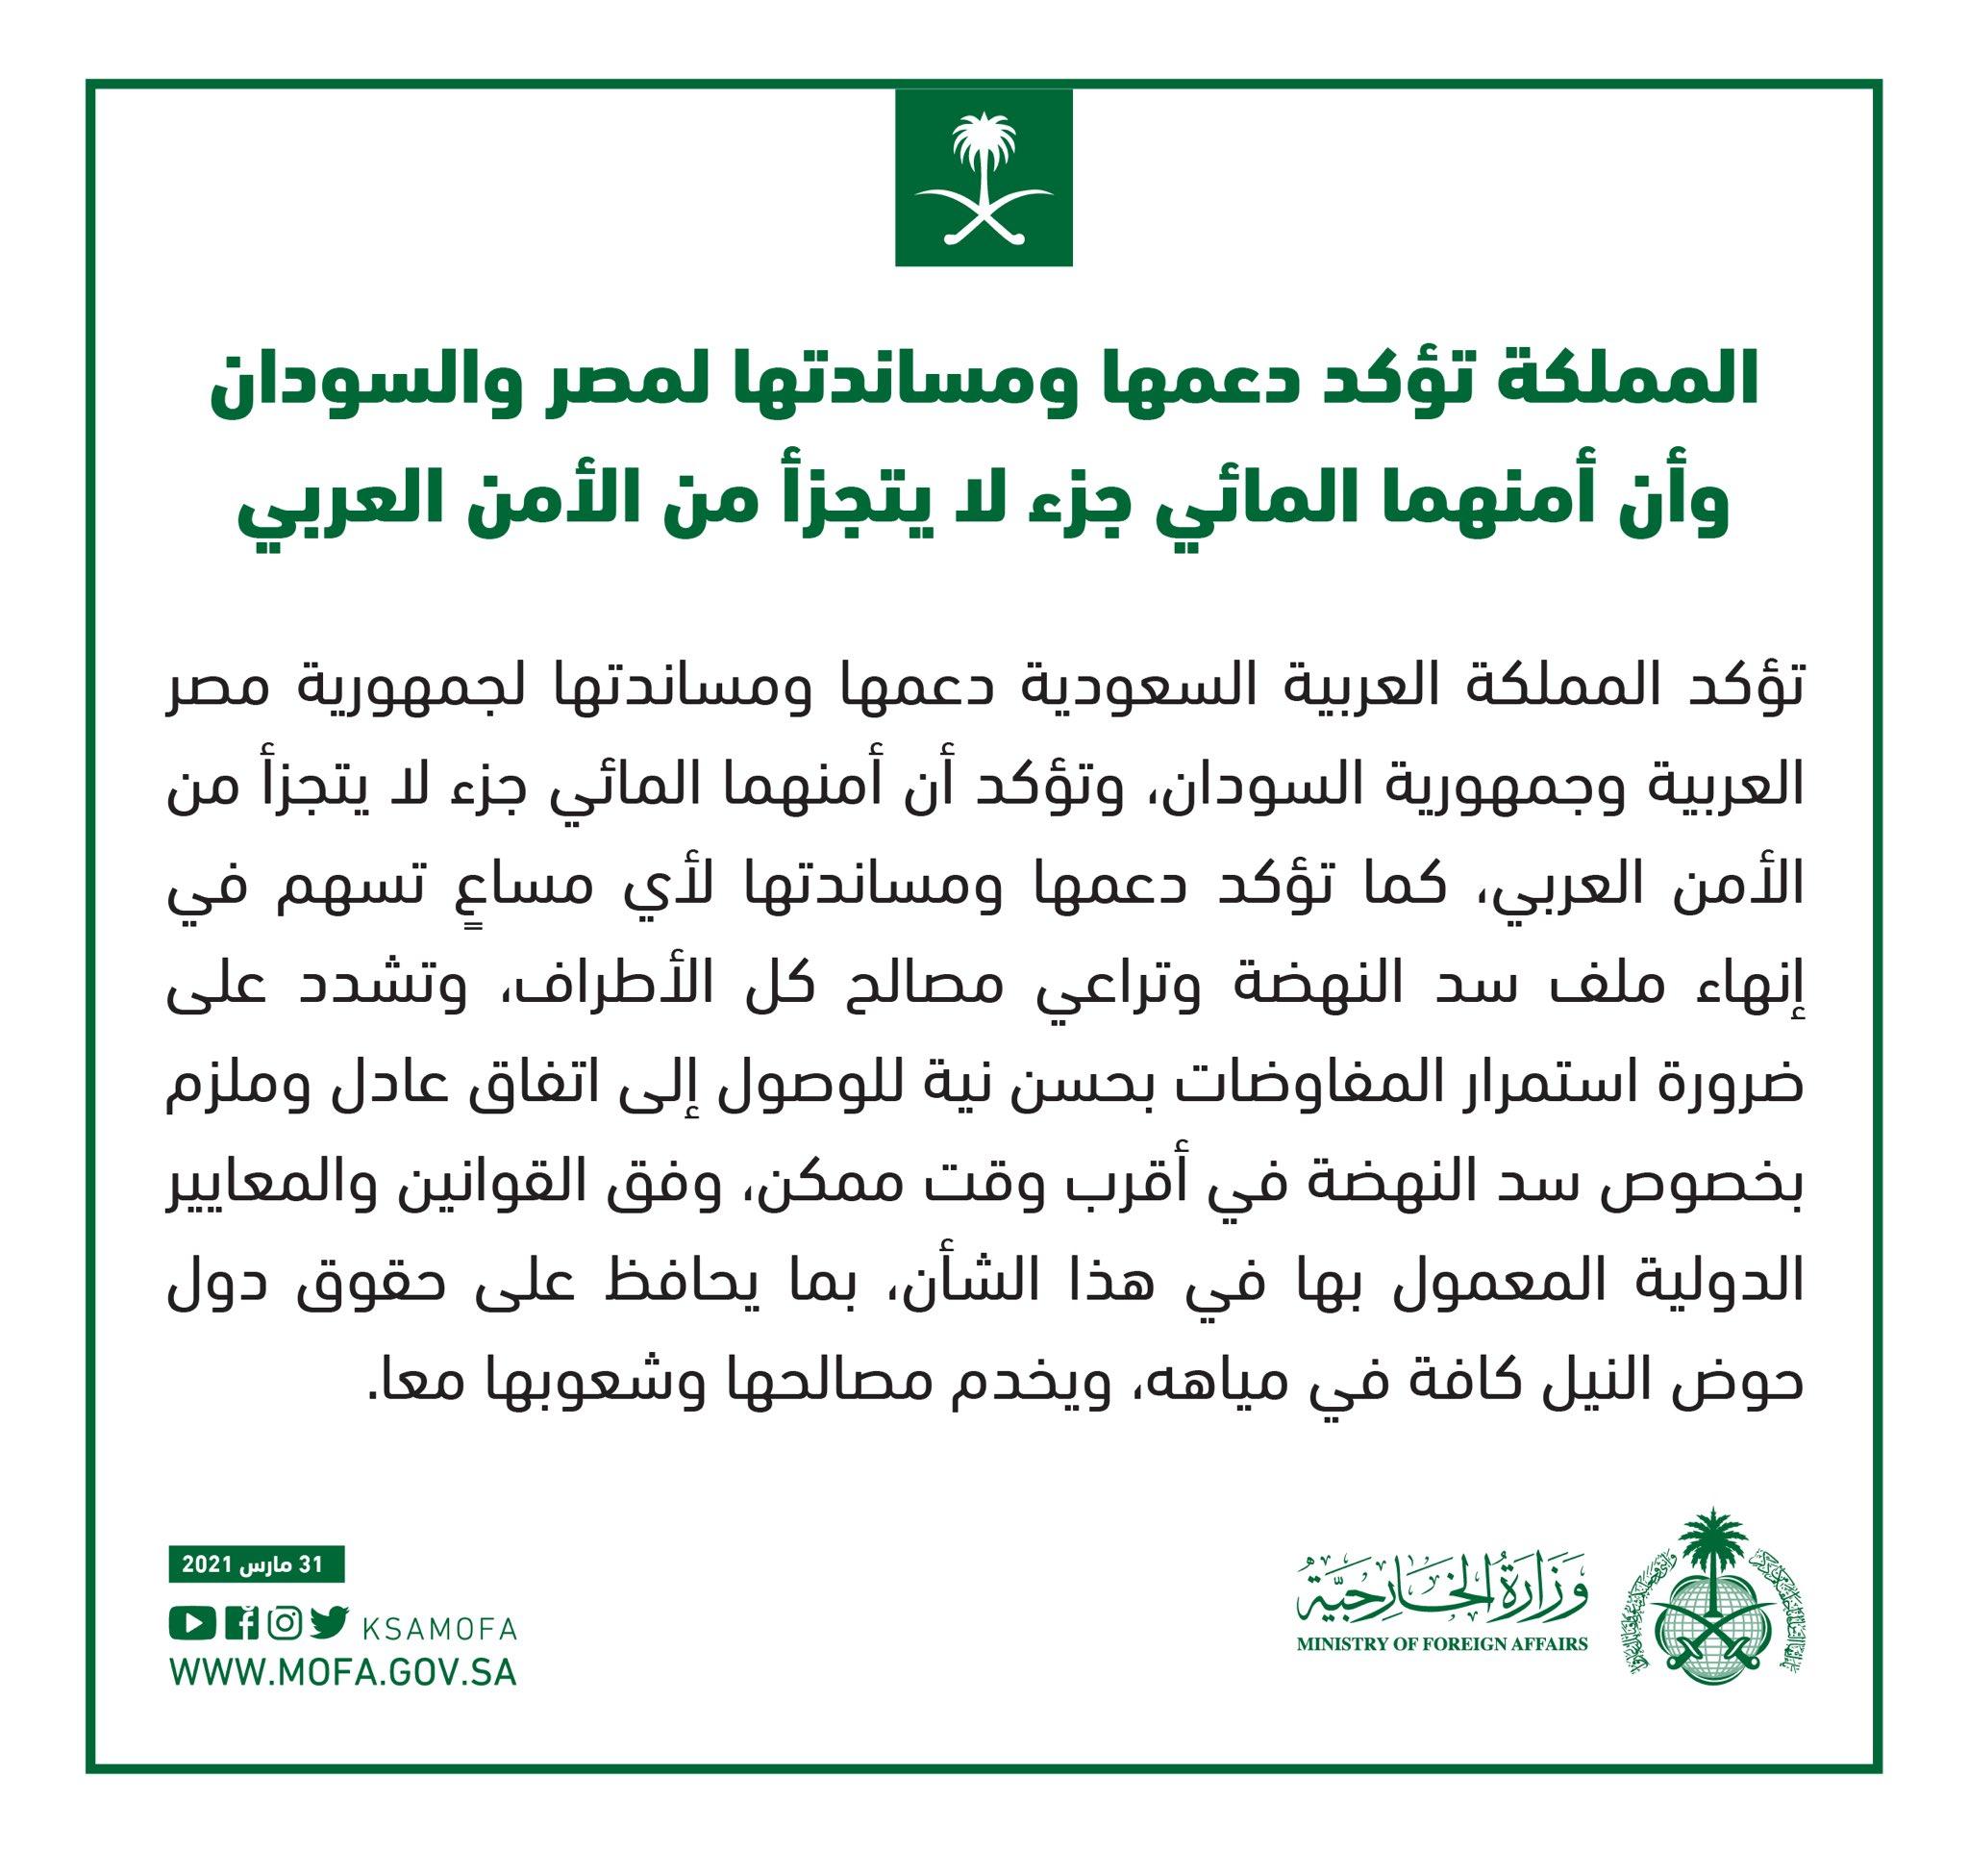 رد: بعد منع المنتجات الزراعية من لبنان .. دعم سد النهضة اصبح مصلحة استراتيج